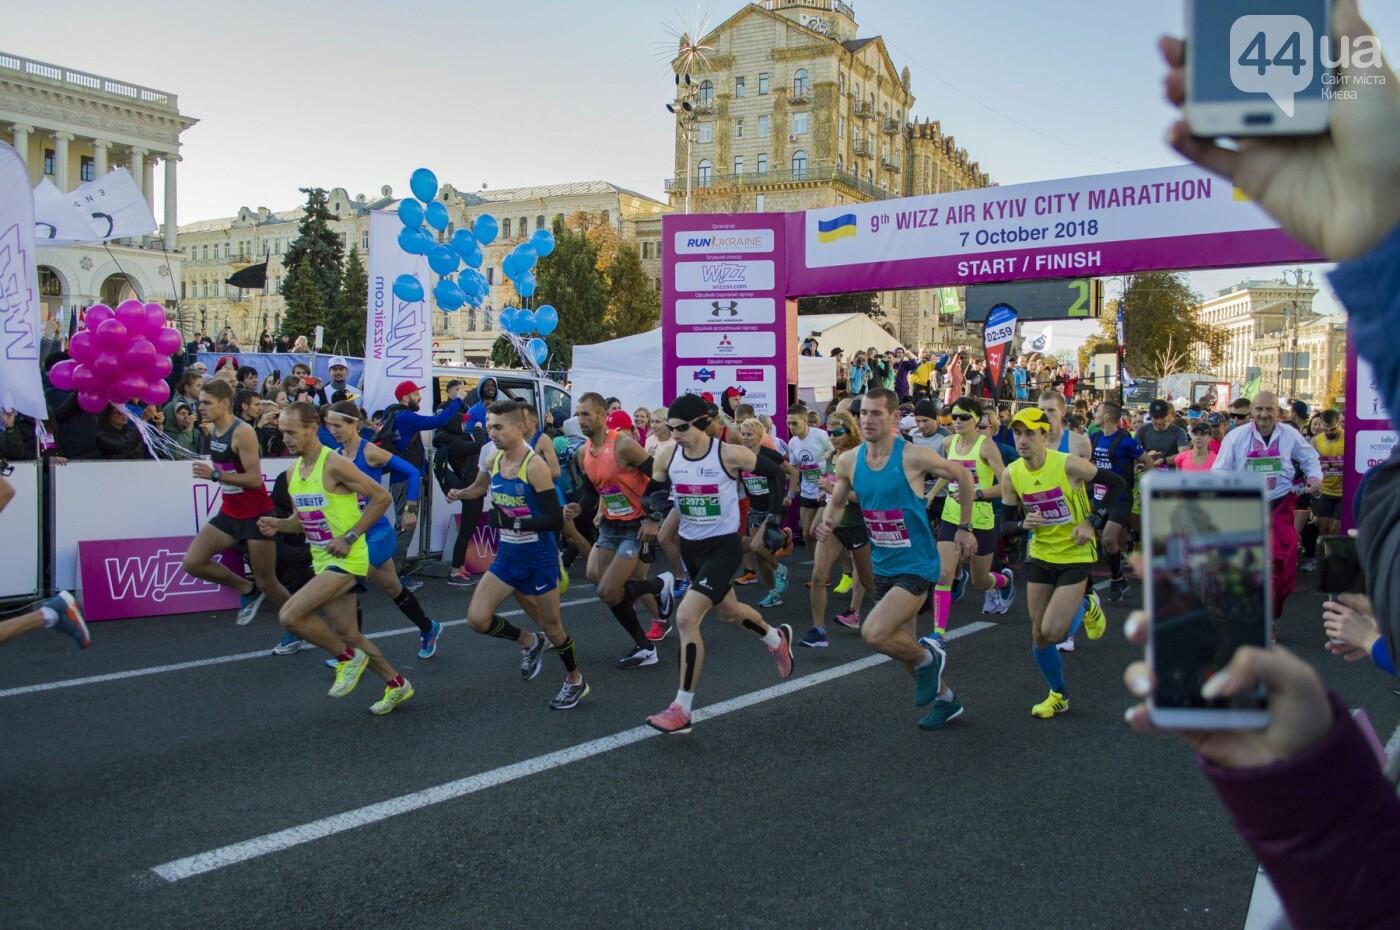 В центре Киева тысячи семей, детей и воинов АТО пробежали марафон, - ФОТОРЕПОРТАЖ, фото-3